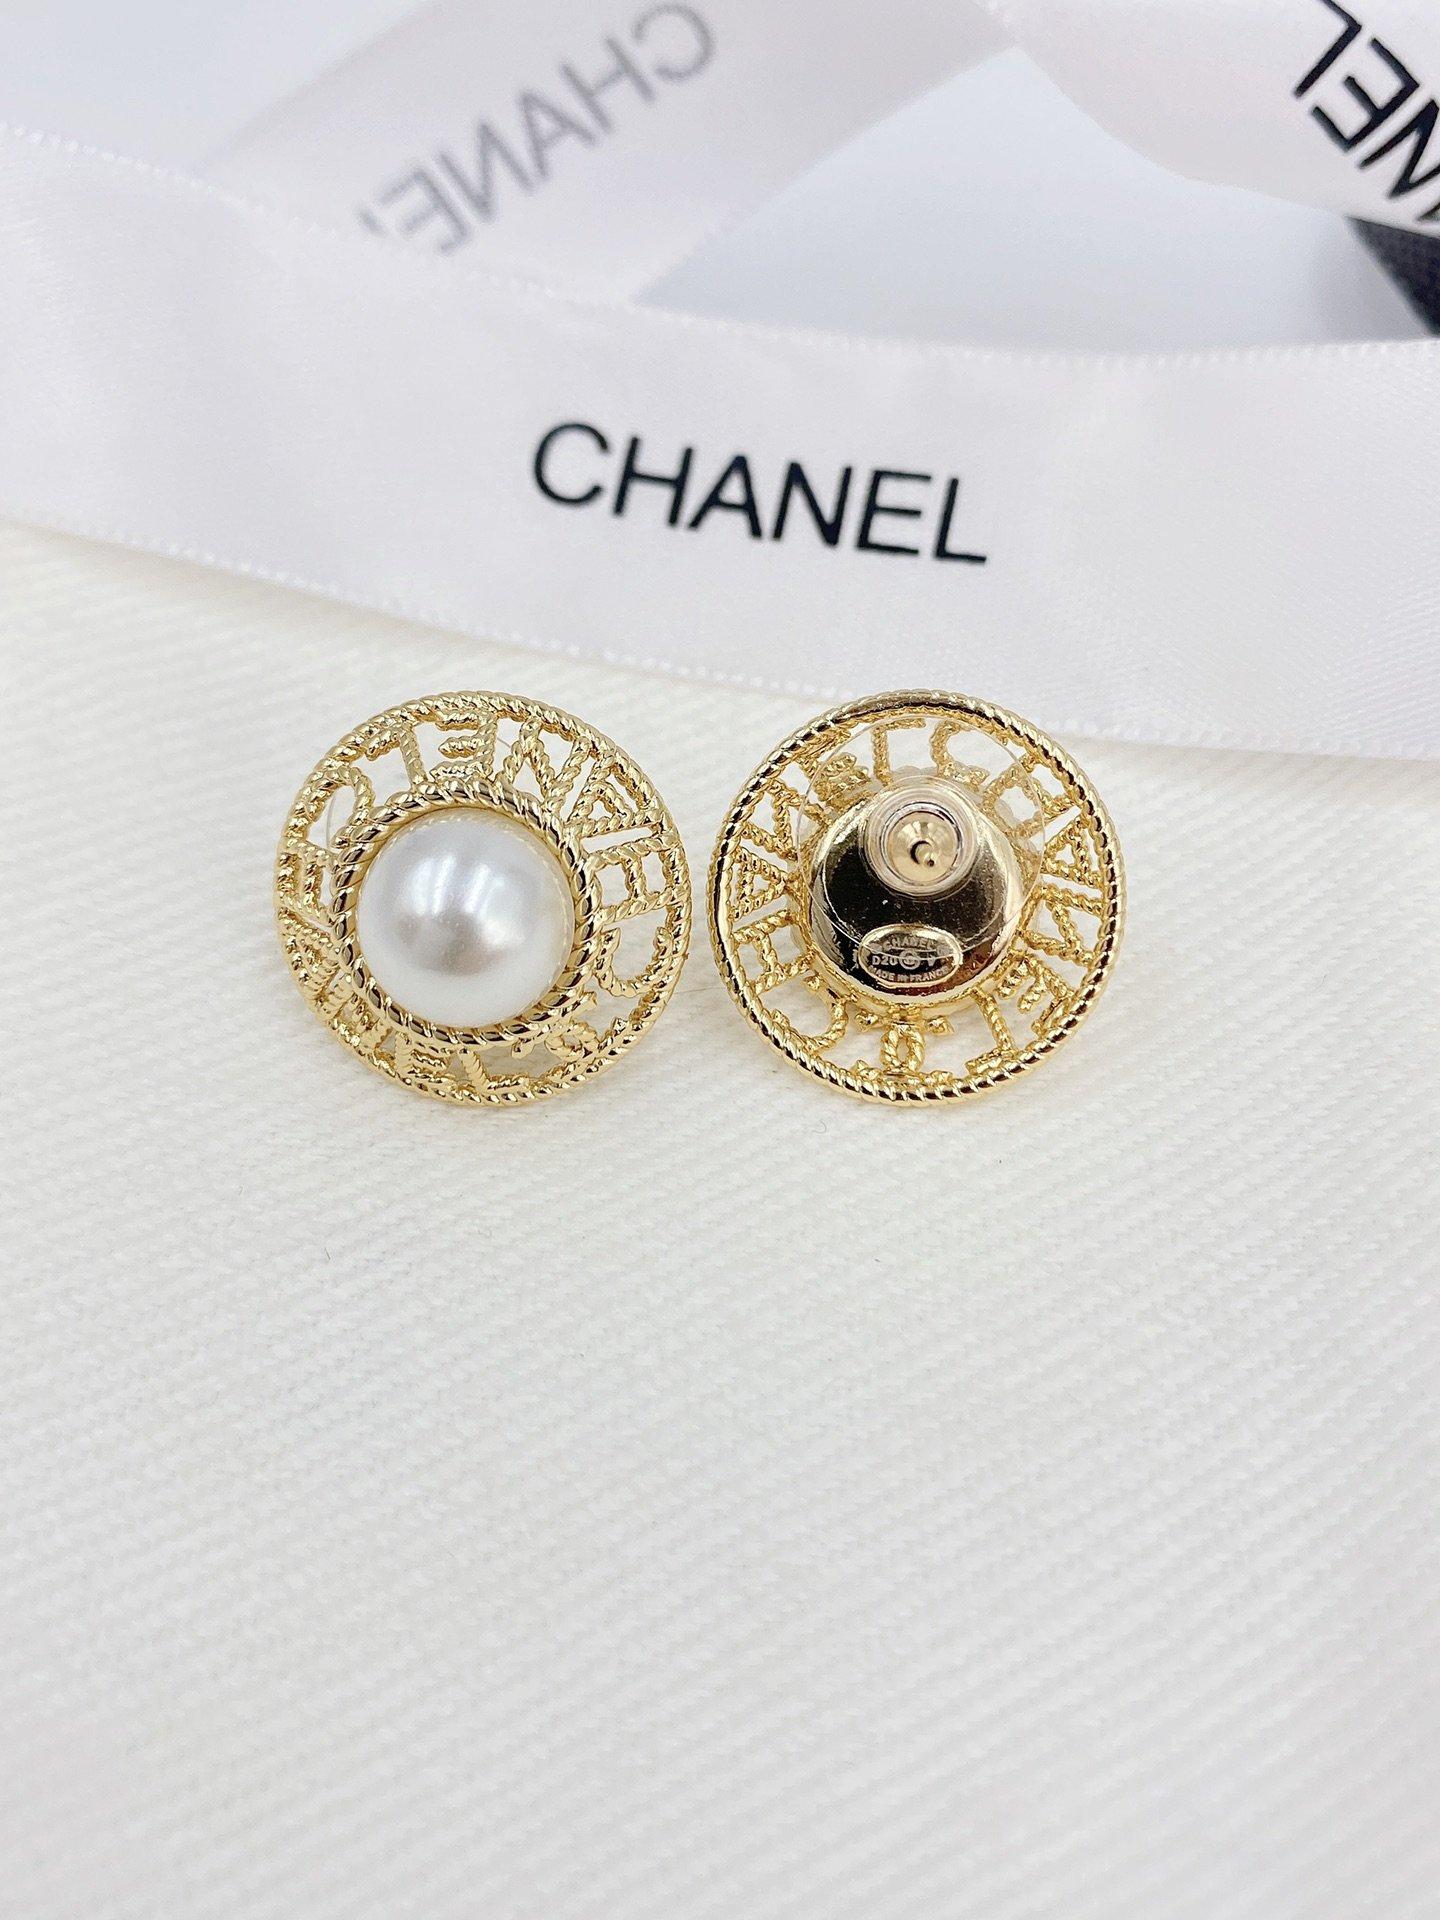 Ch*nel镂空字母珍珠耳钉这款耳钉